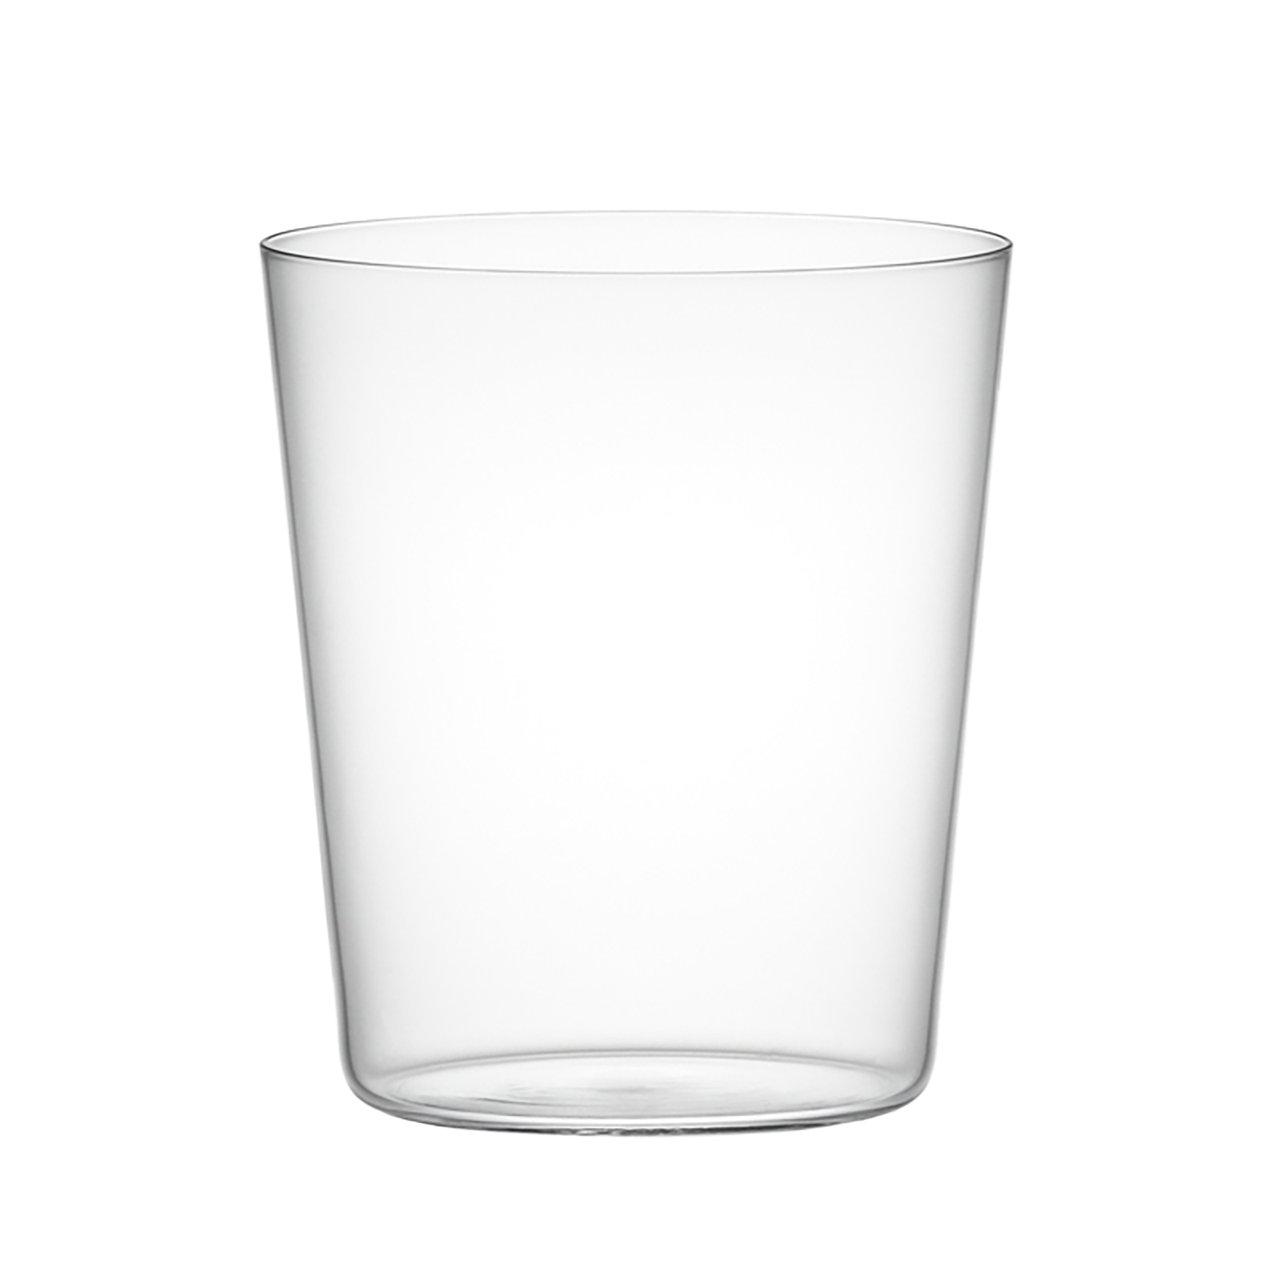 木村硝子店 コンパクト(COMPACT) 10oz タンブラー グラス オールド 330ml 約高さ91×口径81mm 255091